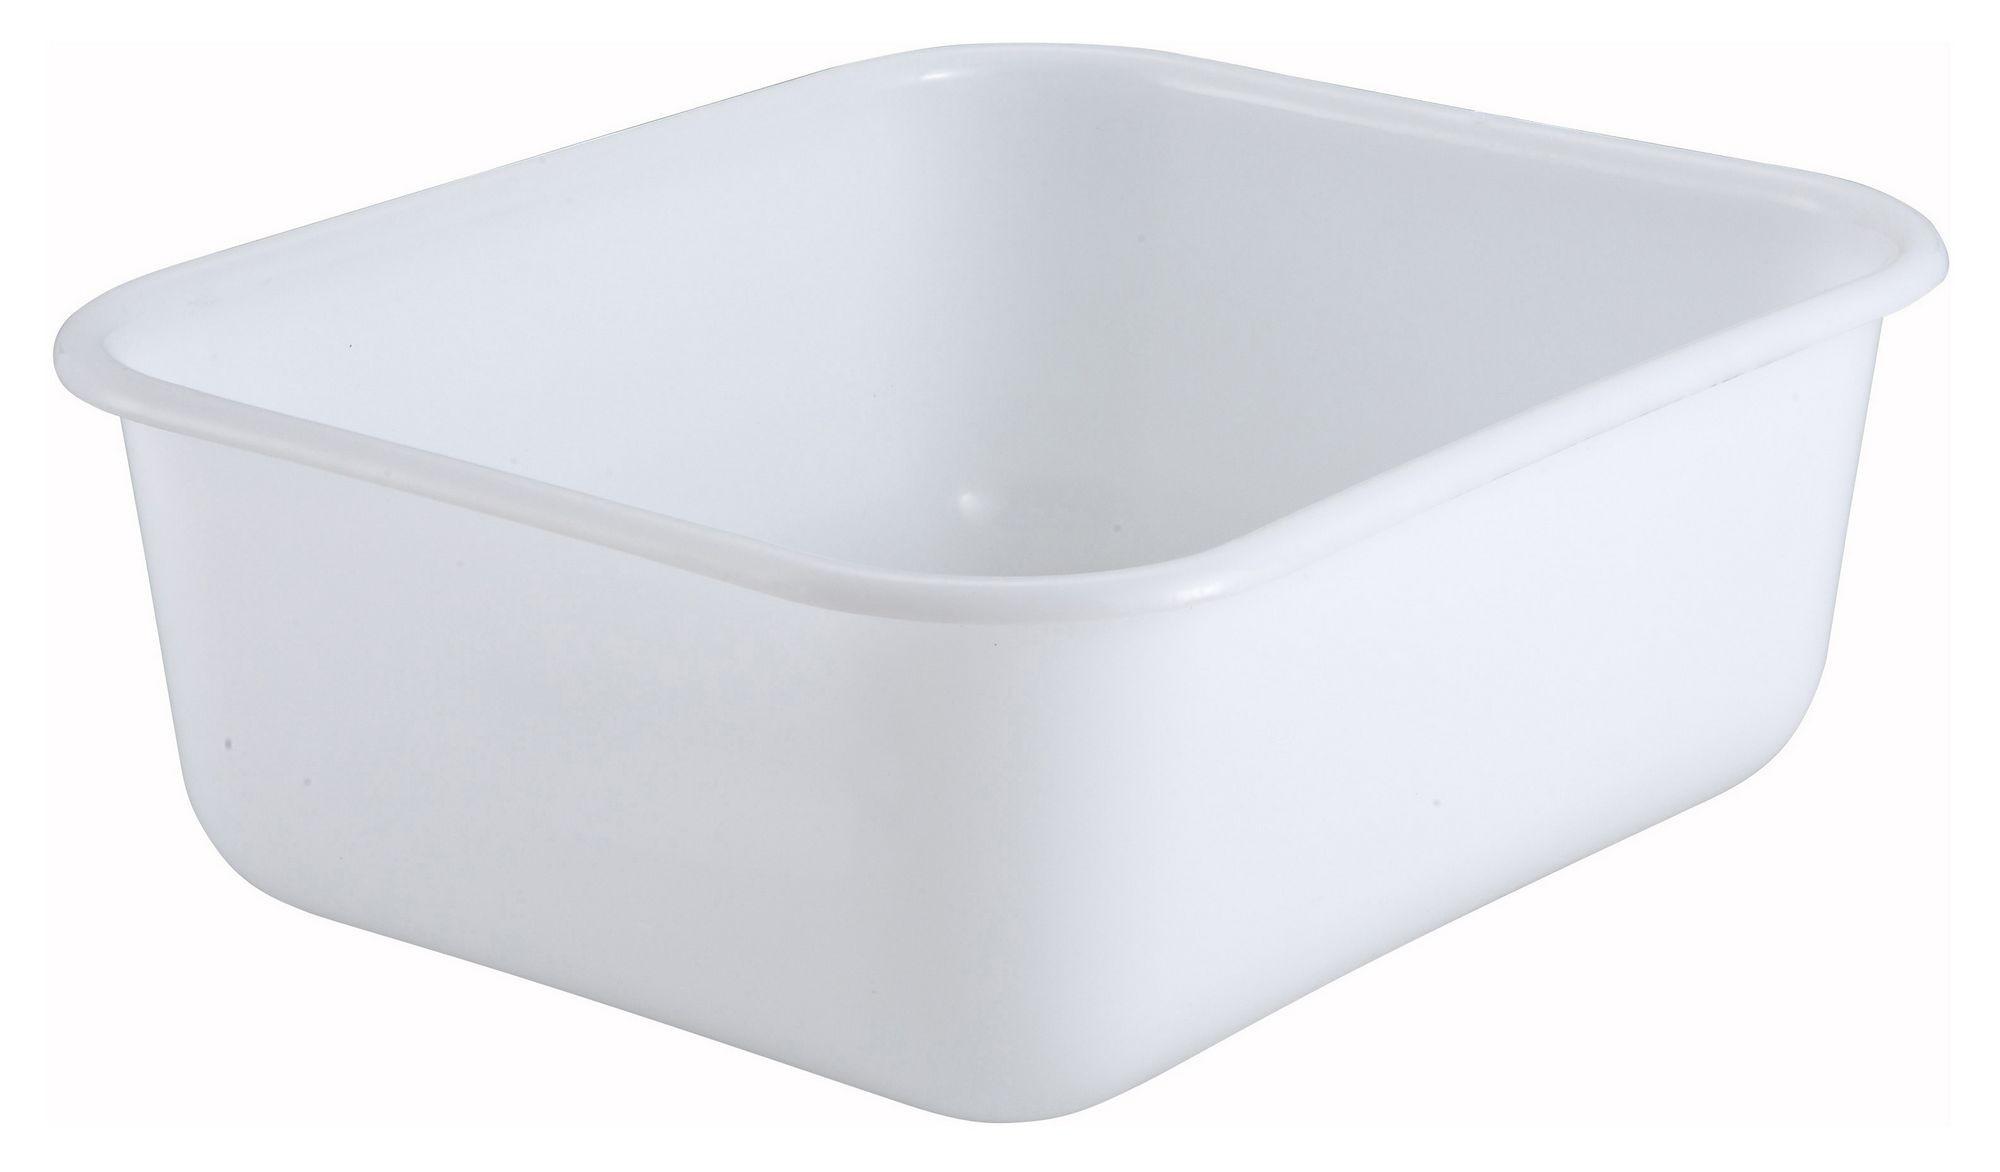 Plastic Mini Bin Tote Box - 14-1/2 X 12-3/4 X 5 (Lid not included)